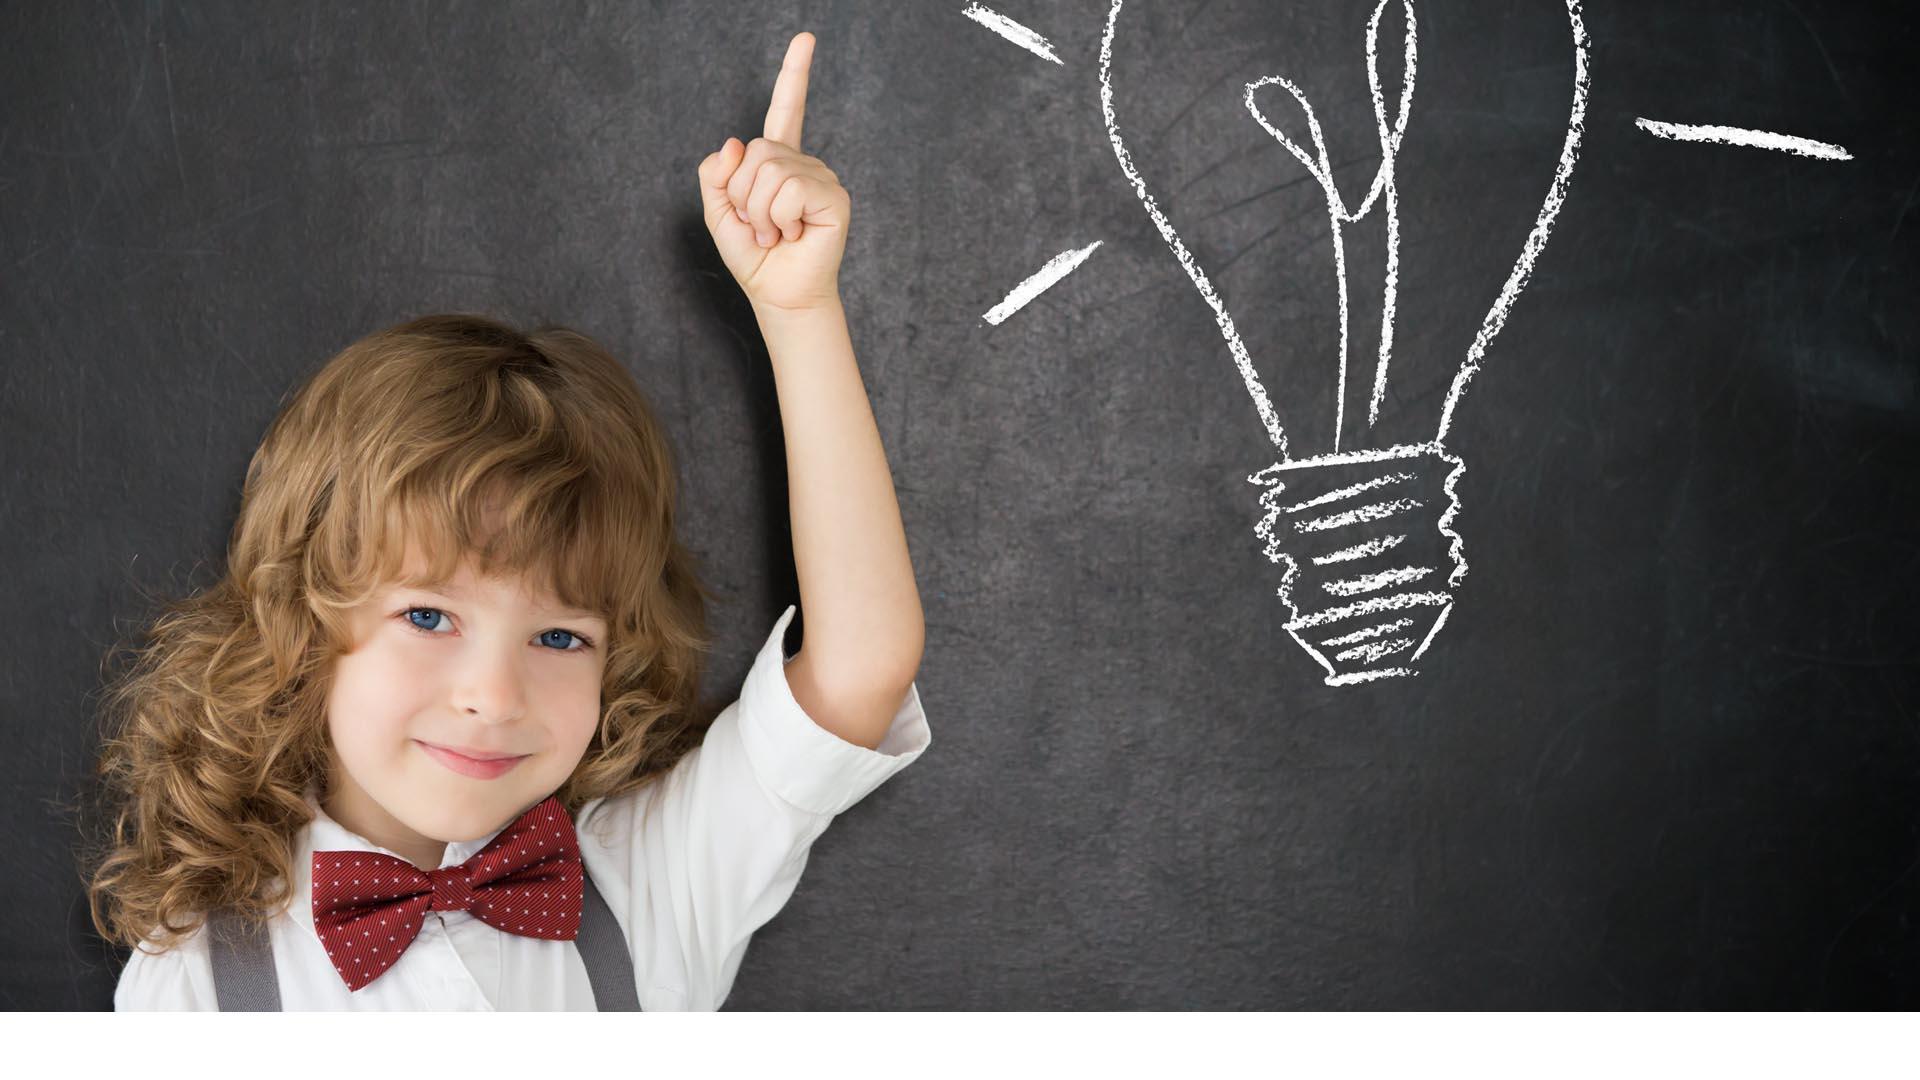 Un estudio determinó que los primogénitos tienen mayor cociente intelectual que sus hermanos